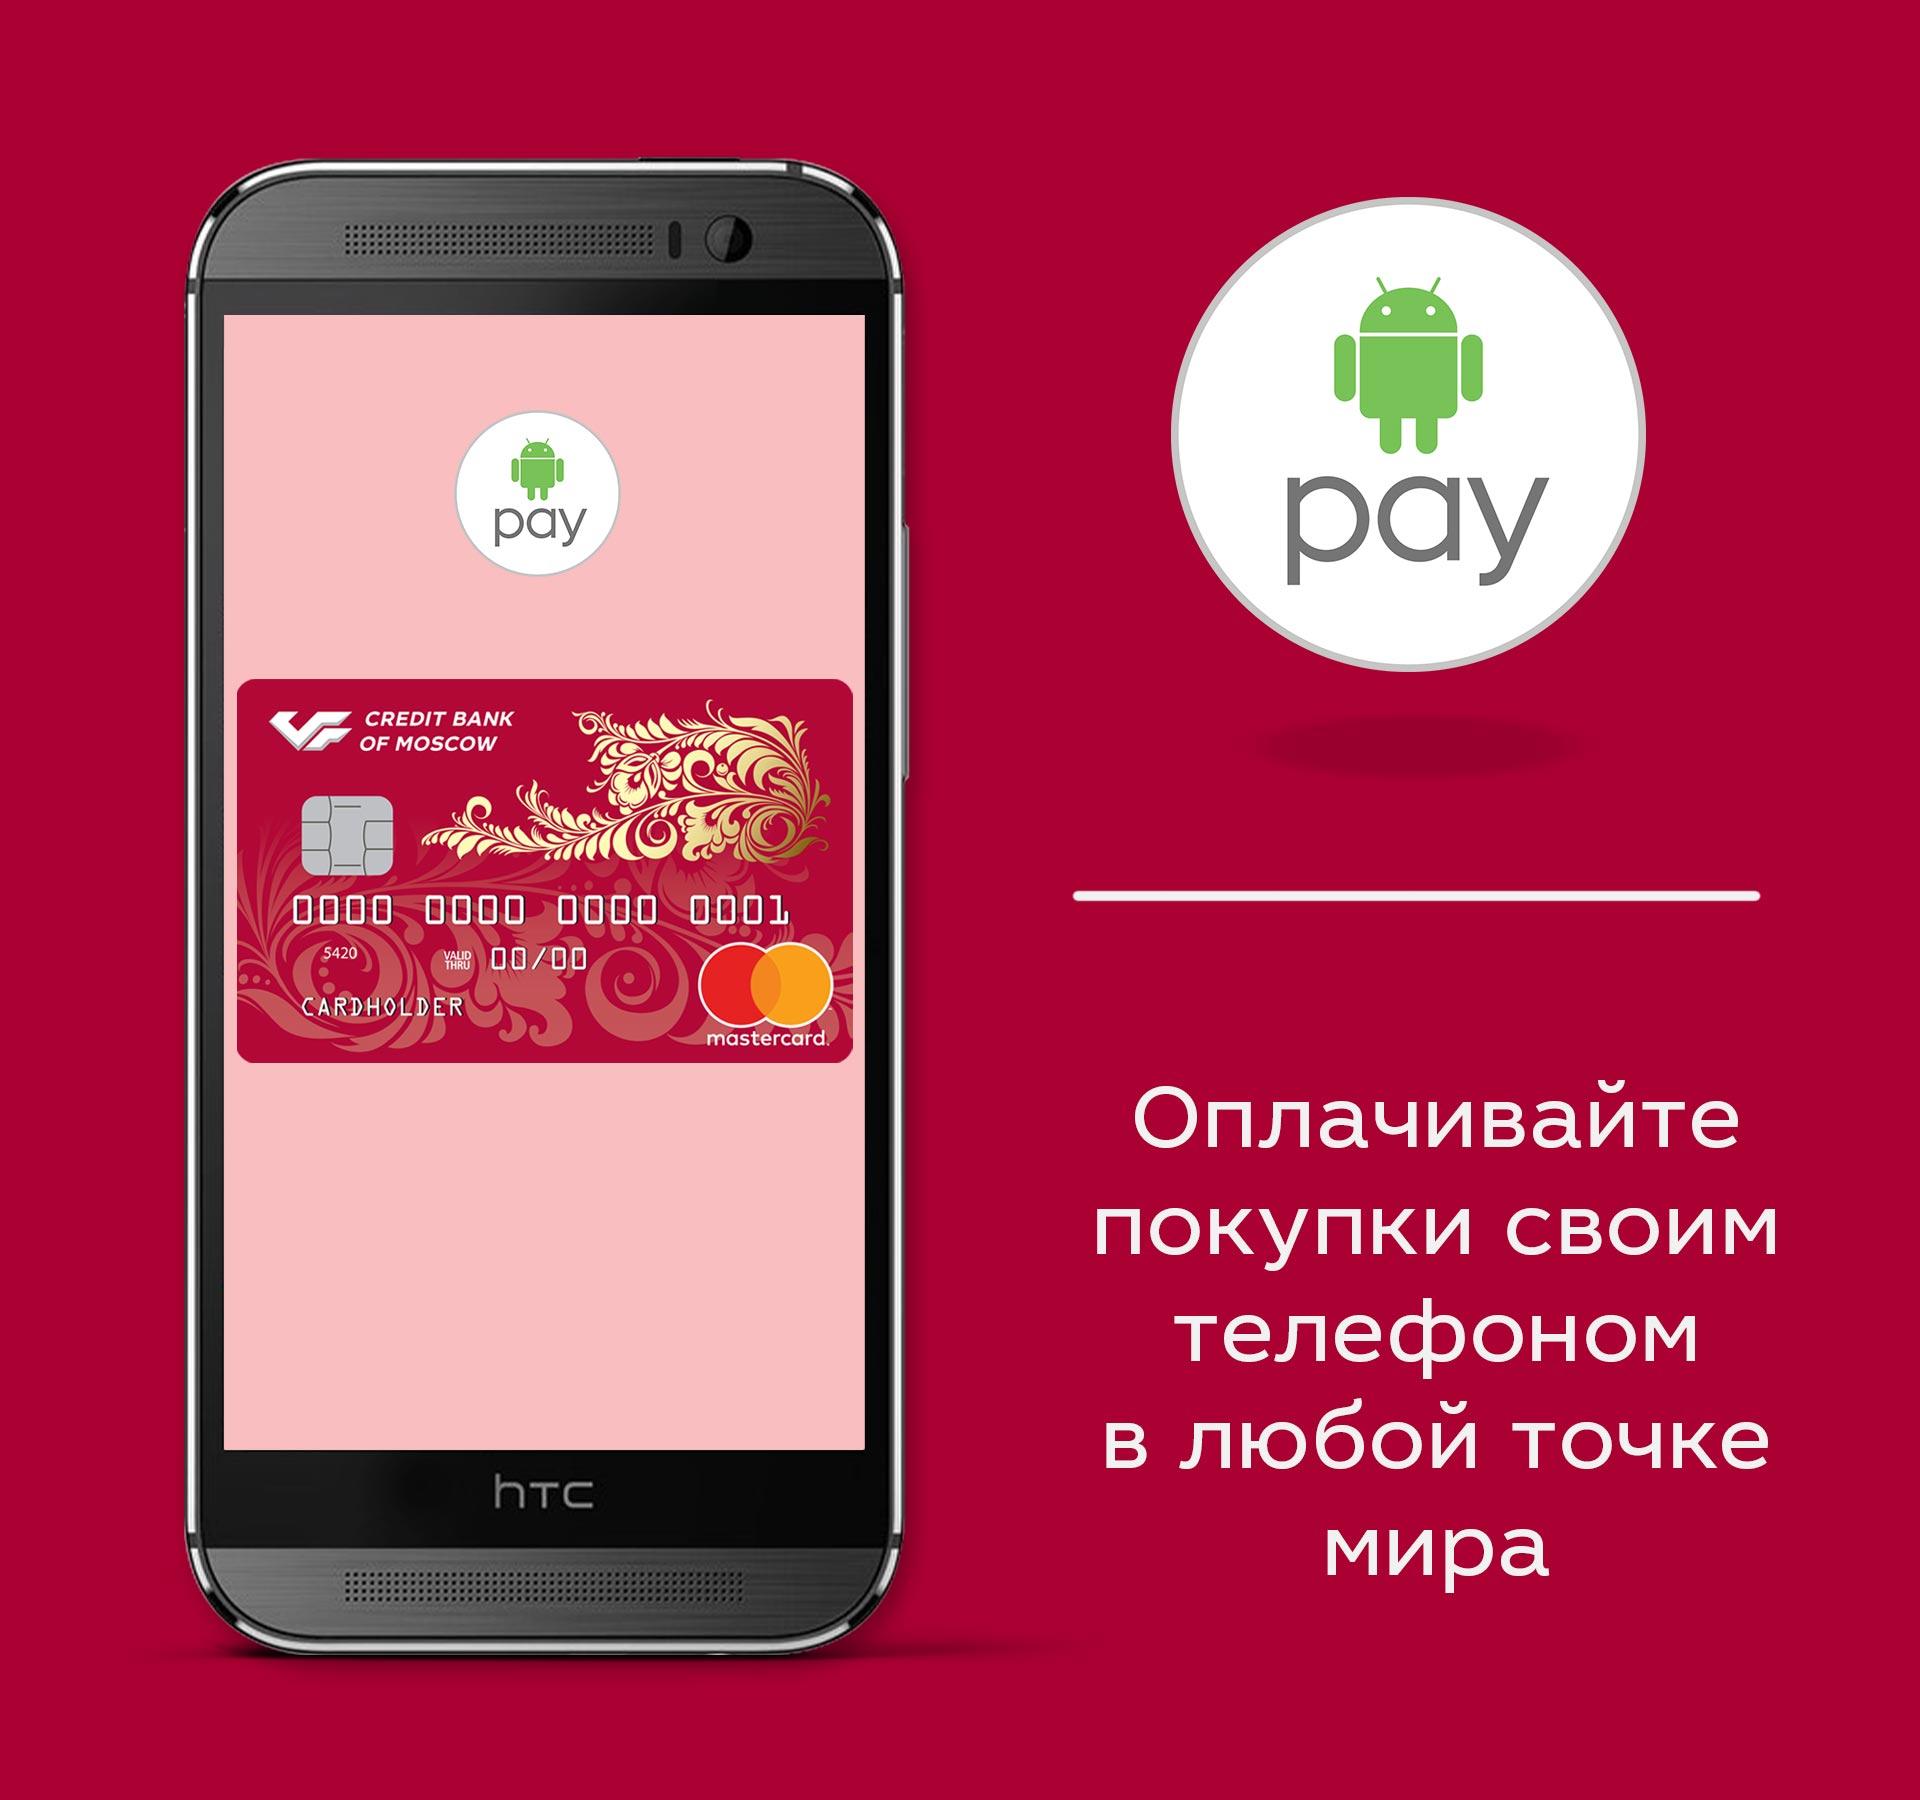 московский кредит банк карты